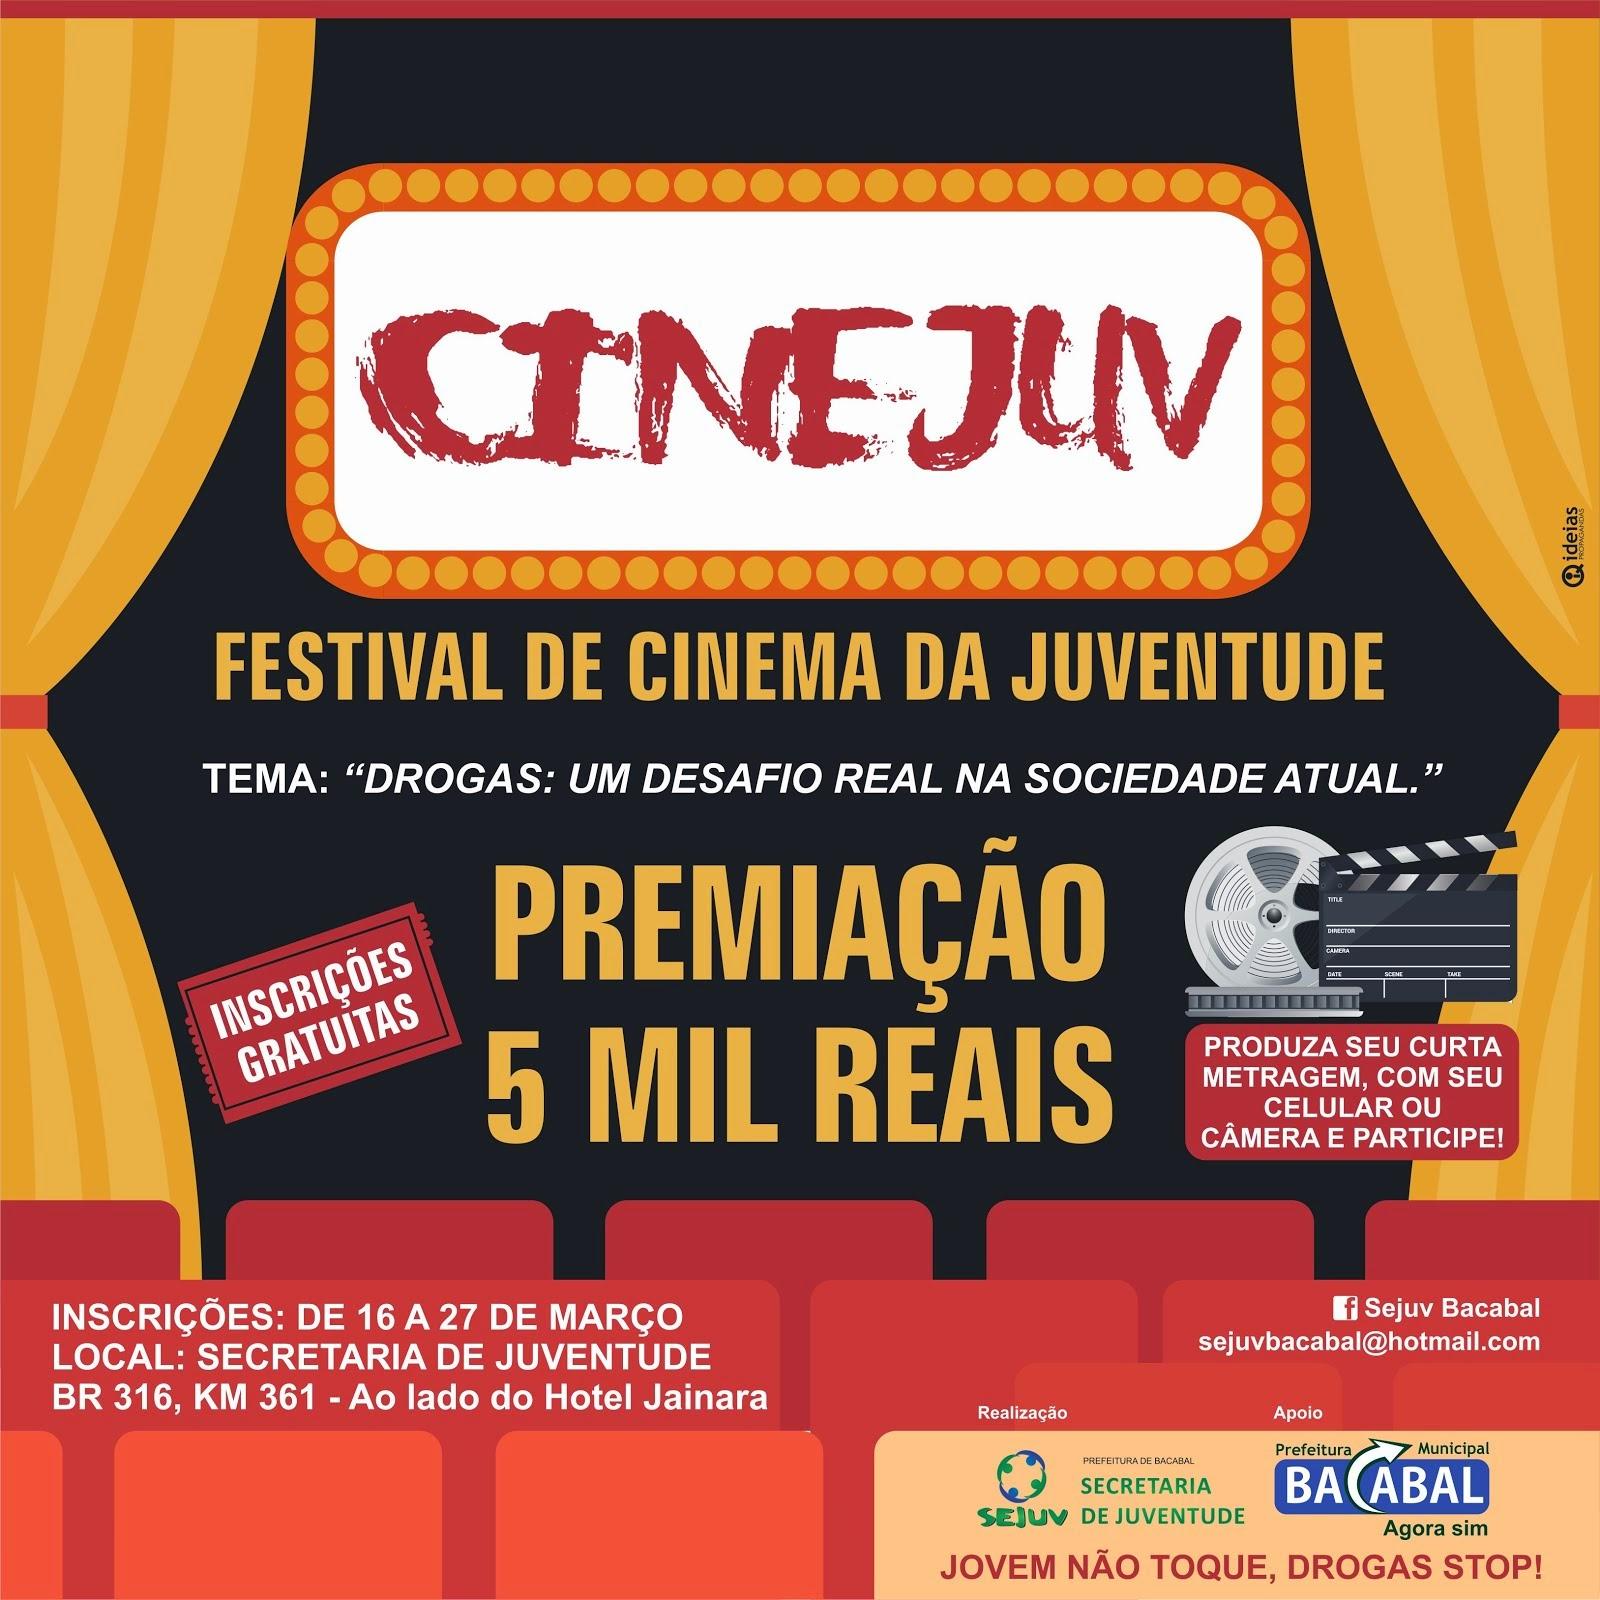 Festival de Cinema da Juventude